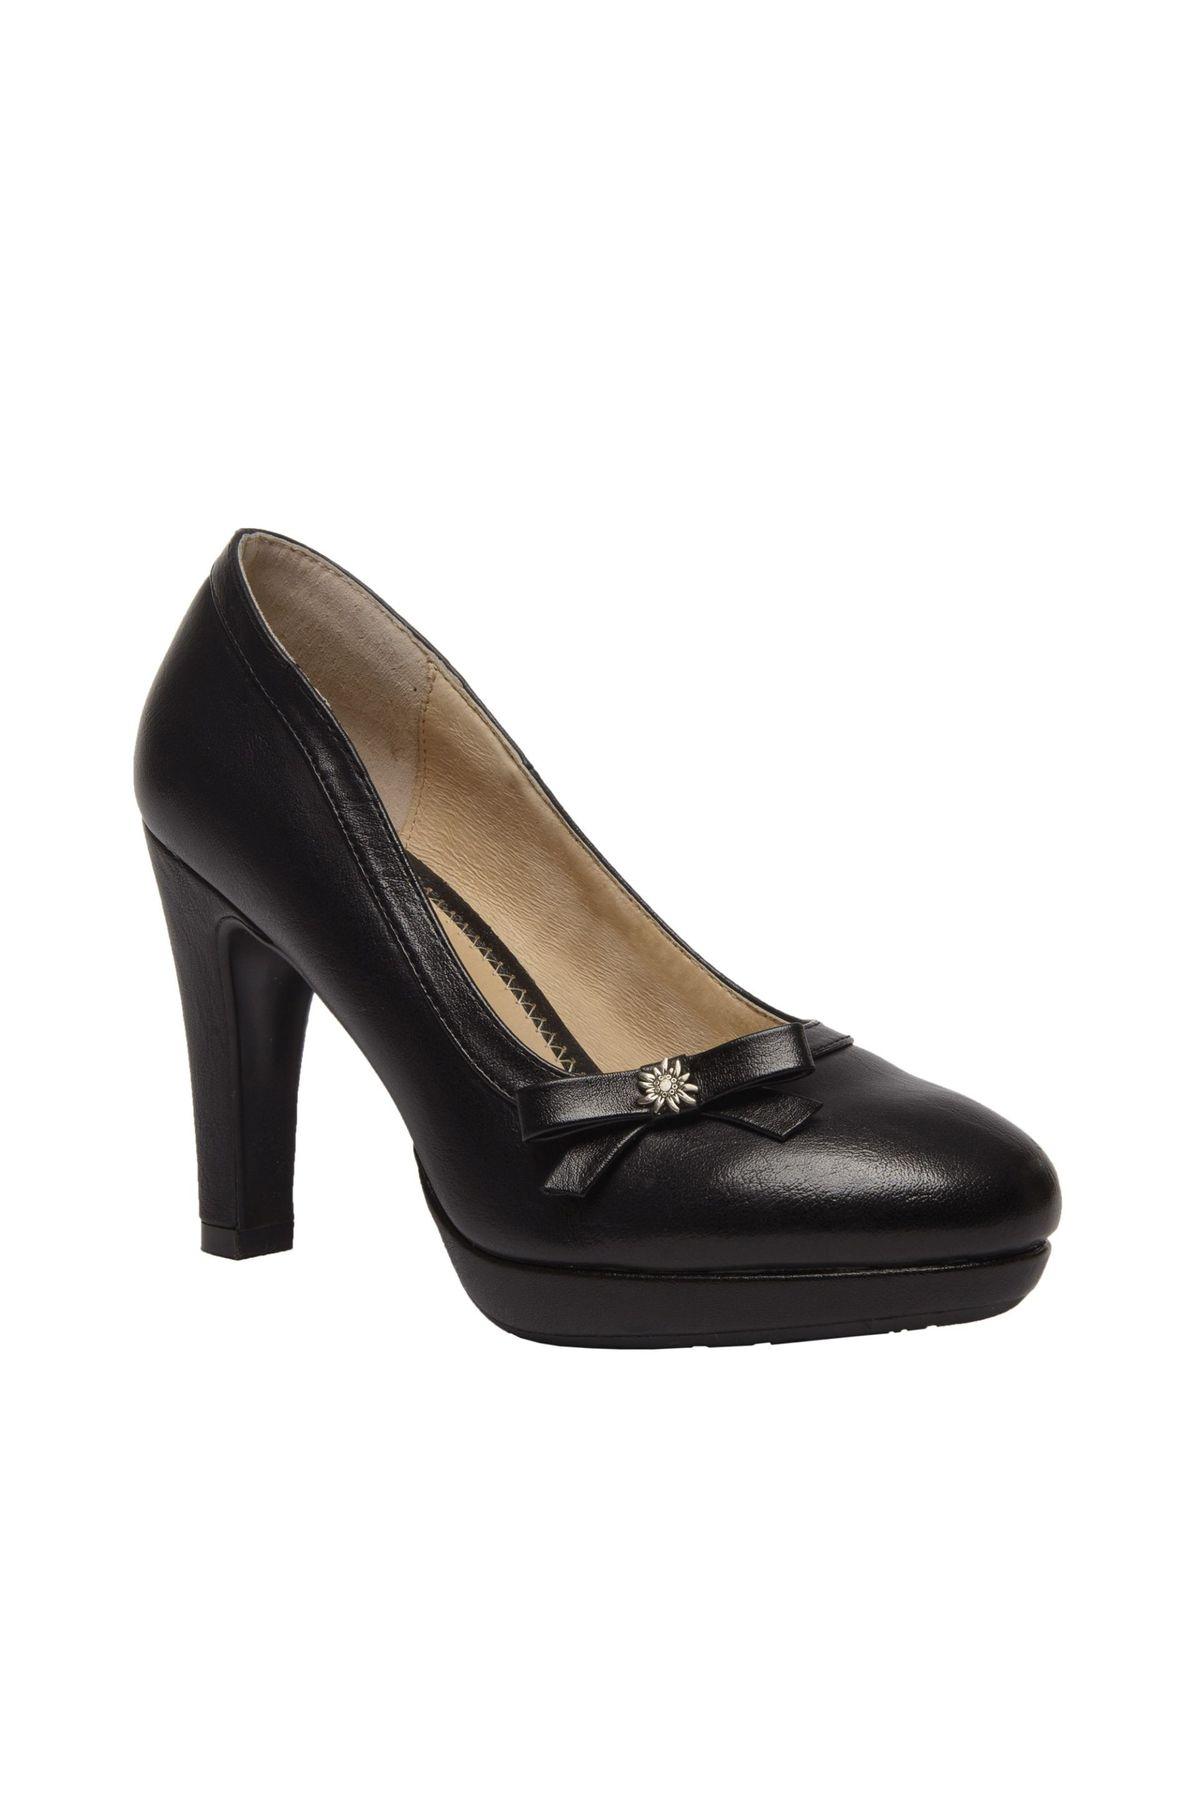 STOCKERPOINT - Damen Trachten Schuhe in Schwarz, 6070 – Bild 3